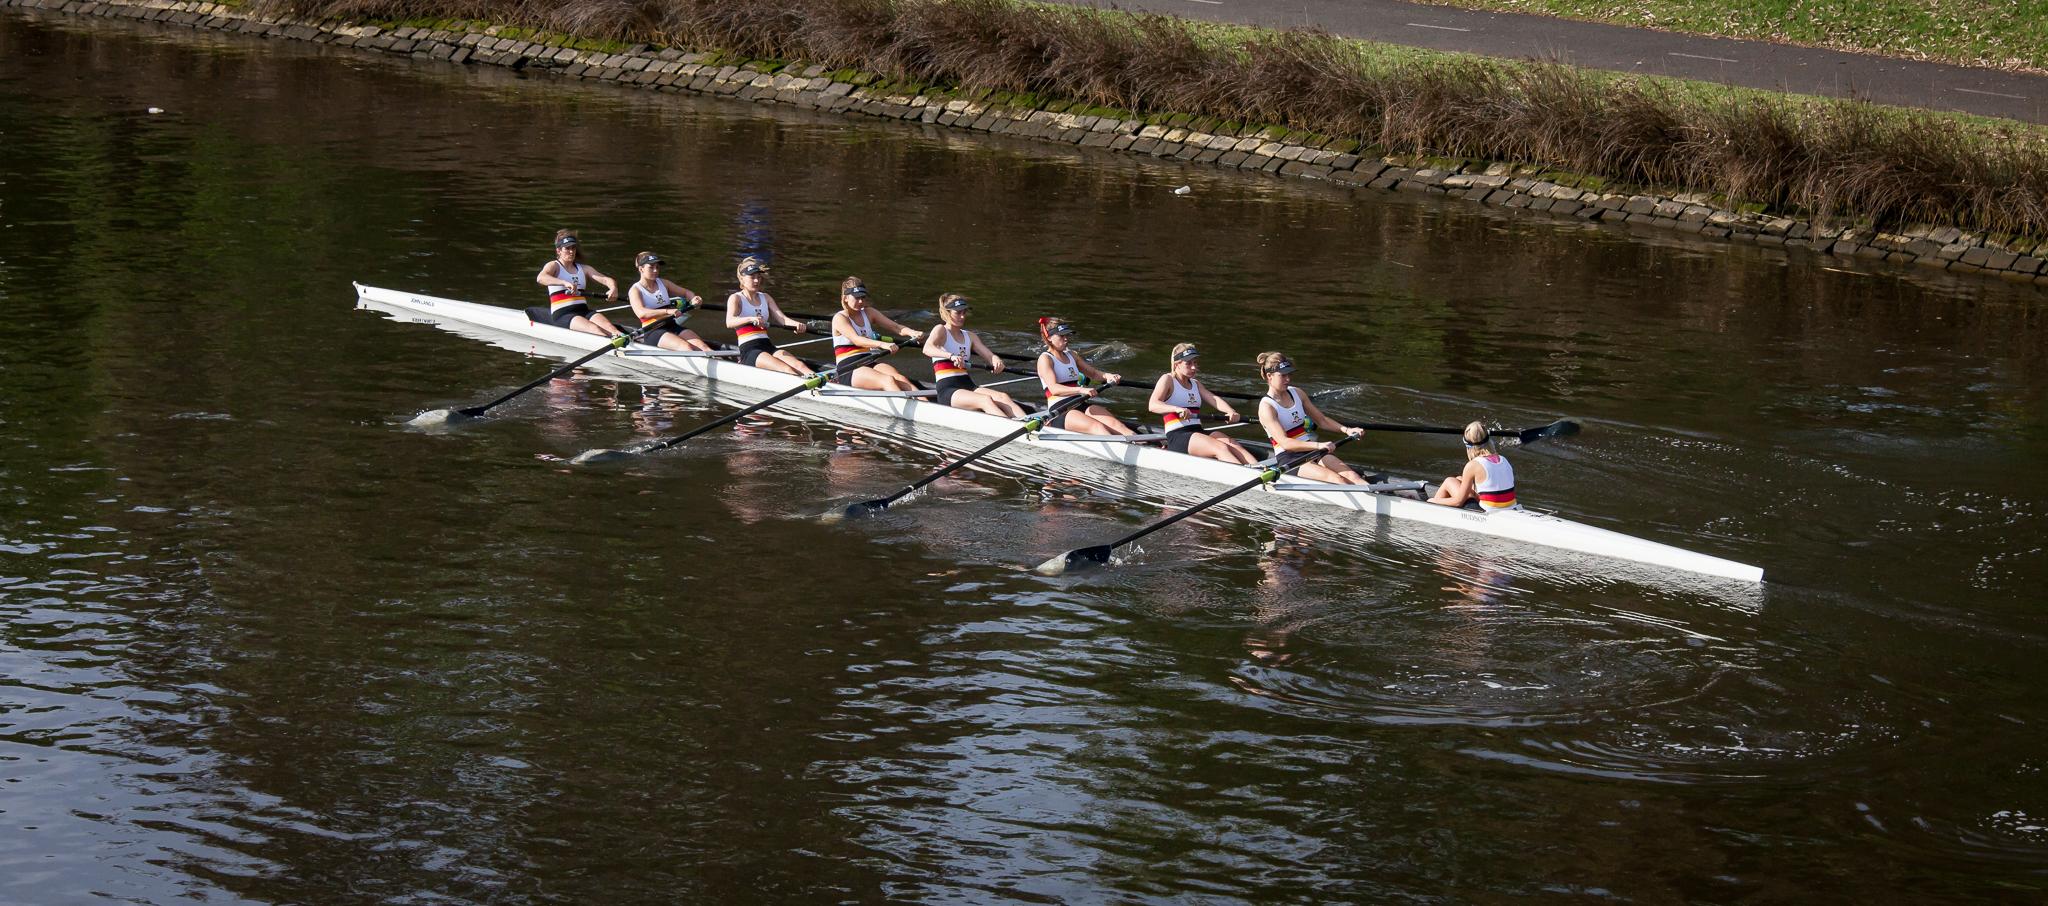 Boat Race-4.jpg